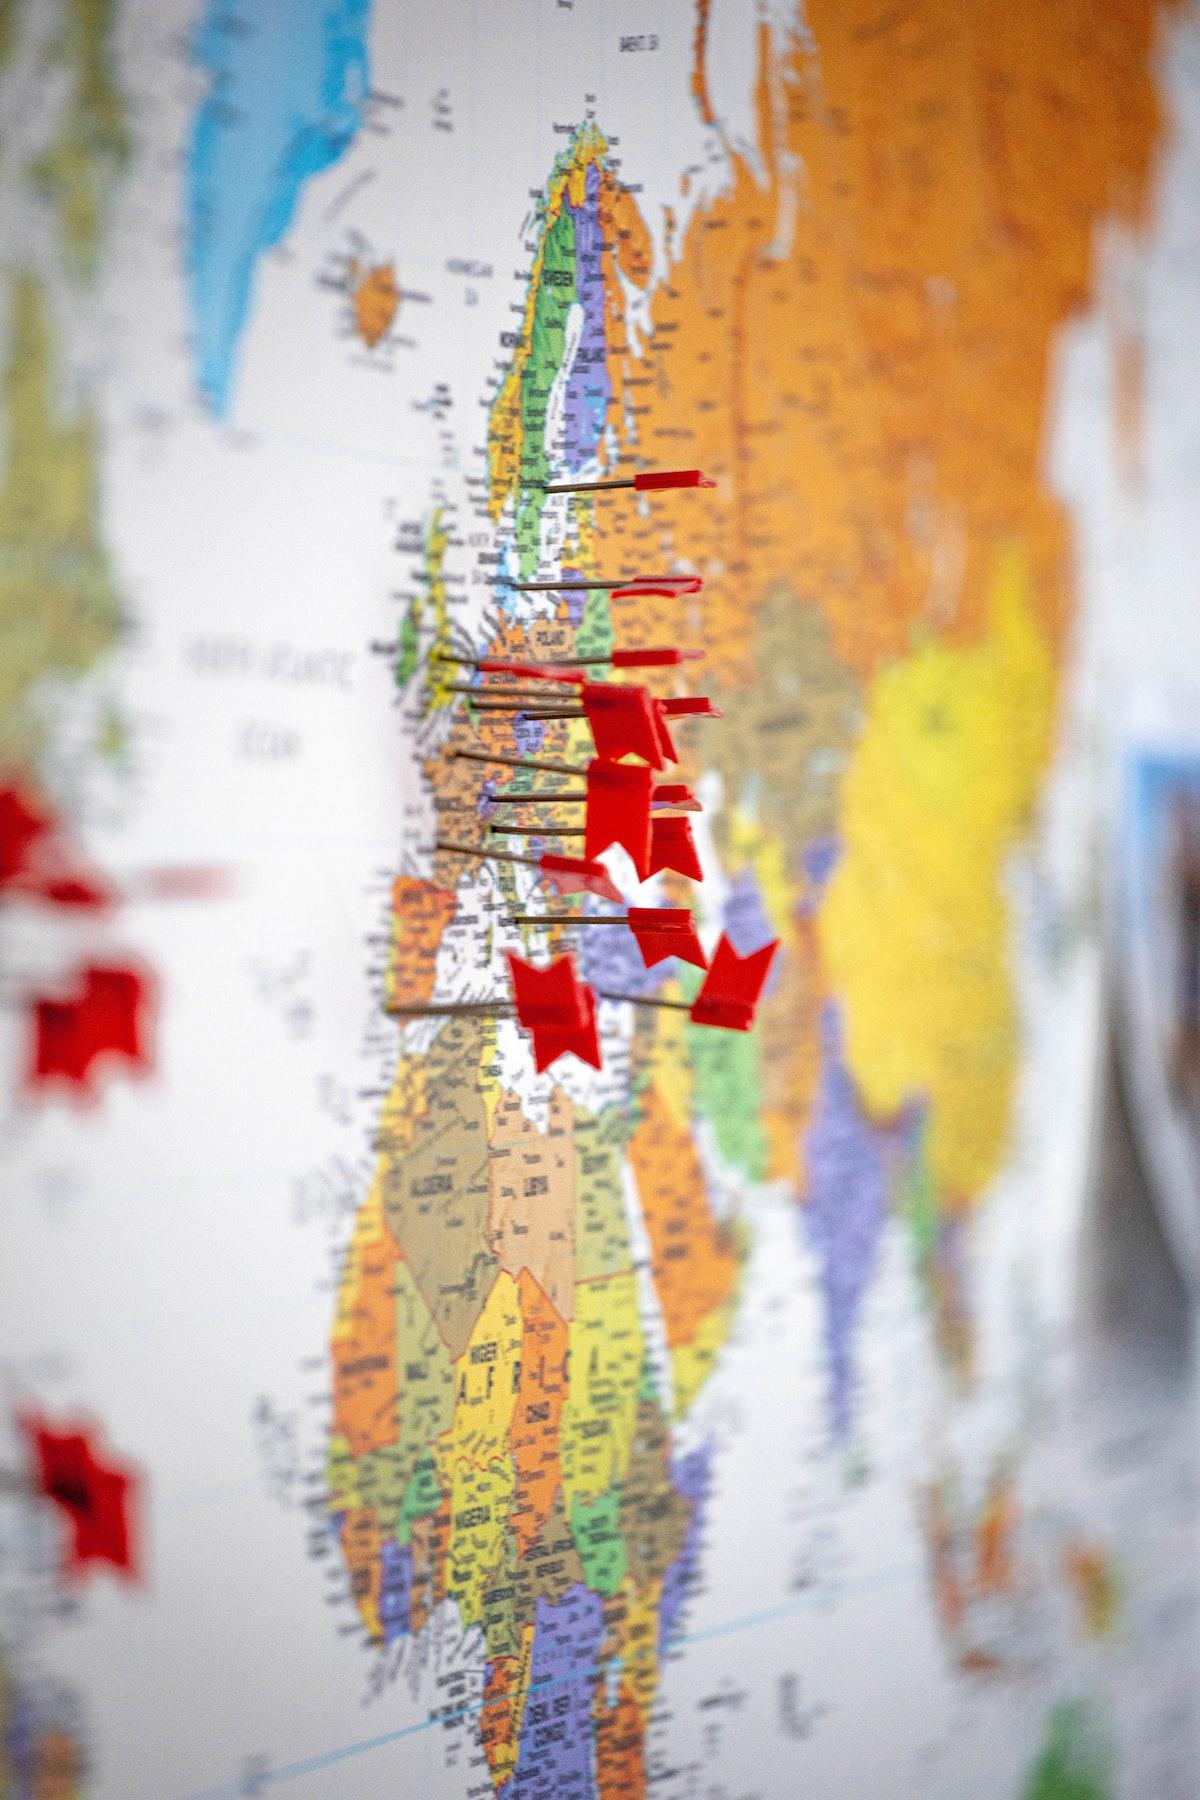 Une idée séduisante : voyager en Europe ?